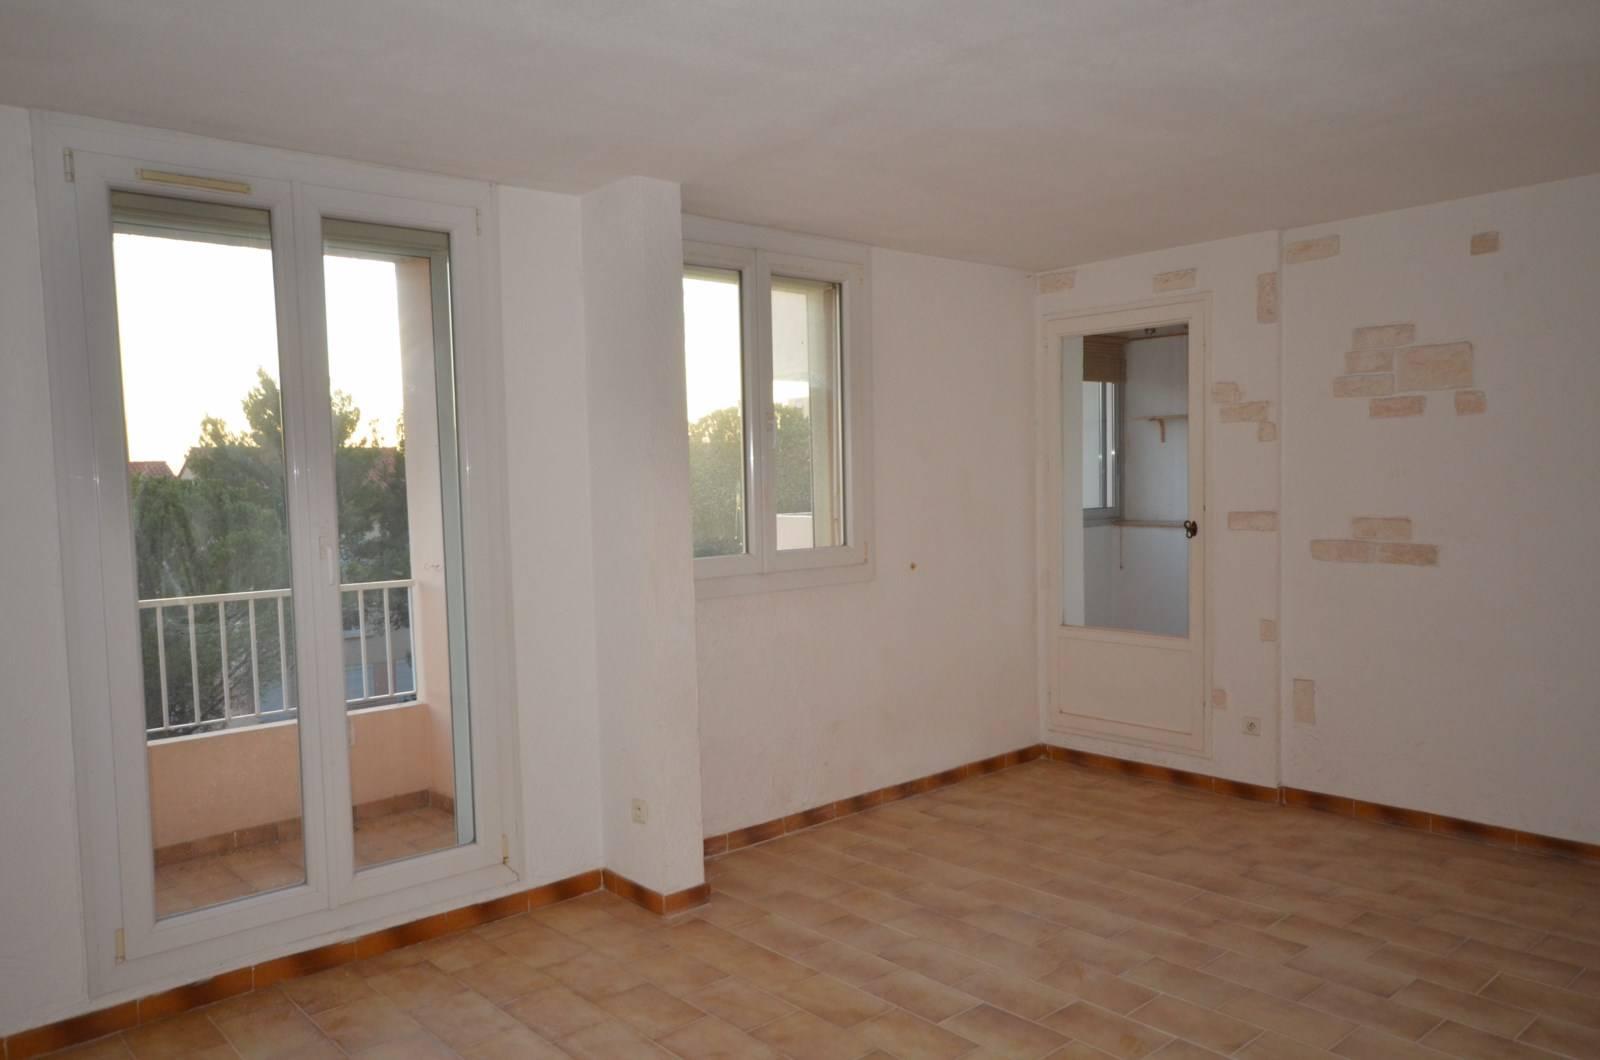 Vente Appartement T4 MARSEILLE 13013 LA BATARELLE HAUTE PETITE VUE MER - DANS RESIDENCE FERMEE- AU CALME